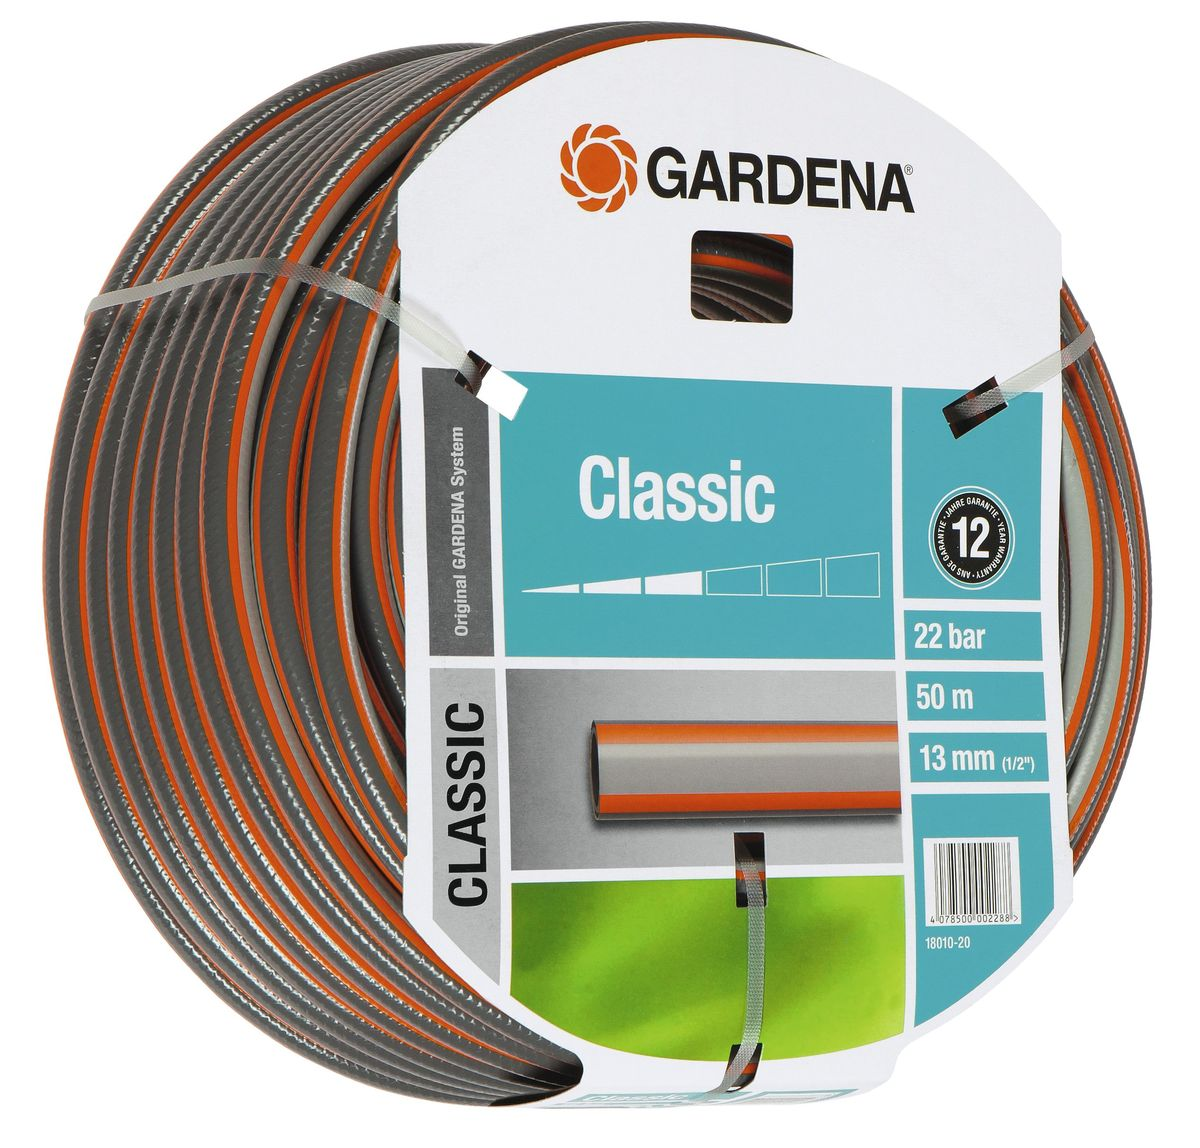 Шланг Gardena Classic, 13 мм (1/2) х 50 м2.645-178.0Шланг Gardena Classic, прекрасно сохраняет свою форму благодаря высококачественному текстильному армированию, отсутствуют фталаты и тяжелые металлы, невосприимчив к УФ-излучению. Шланг не перегибается, не спутывается, не перекручивается, благодаря спиралевидному текстильному армированию, усиленному углеродными волокнами. Шланг Gardena Classic оптимально сочетается с компонентами базовой системы полива. Идеально подходит для умеренной интенсивности использования. Шланг Gardena Classic выполнен из высококачественного ПВХ и выдерживает давление до 22 бар. Толстые стенки шланга и высококачественные материалы обеспечивают длительный срок службы.